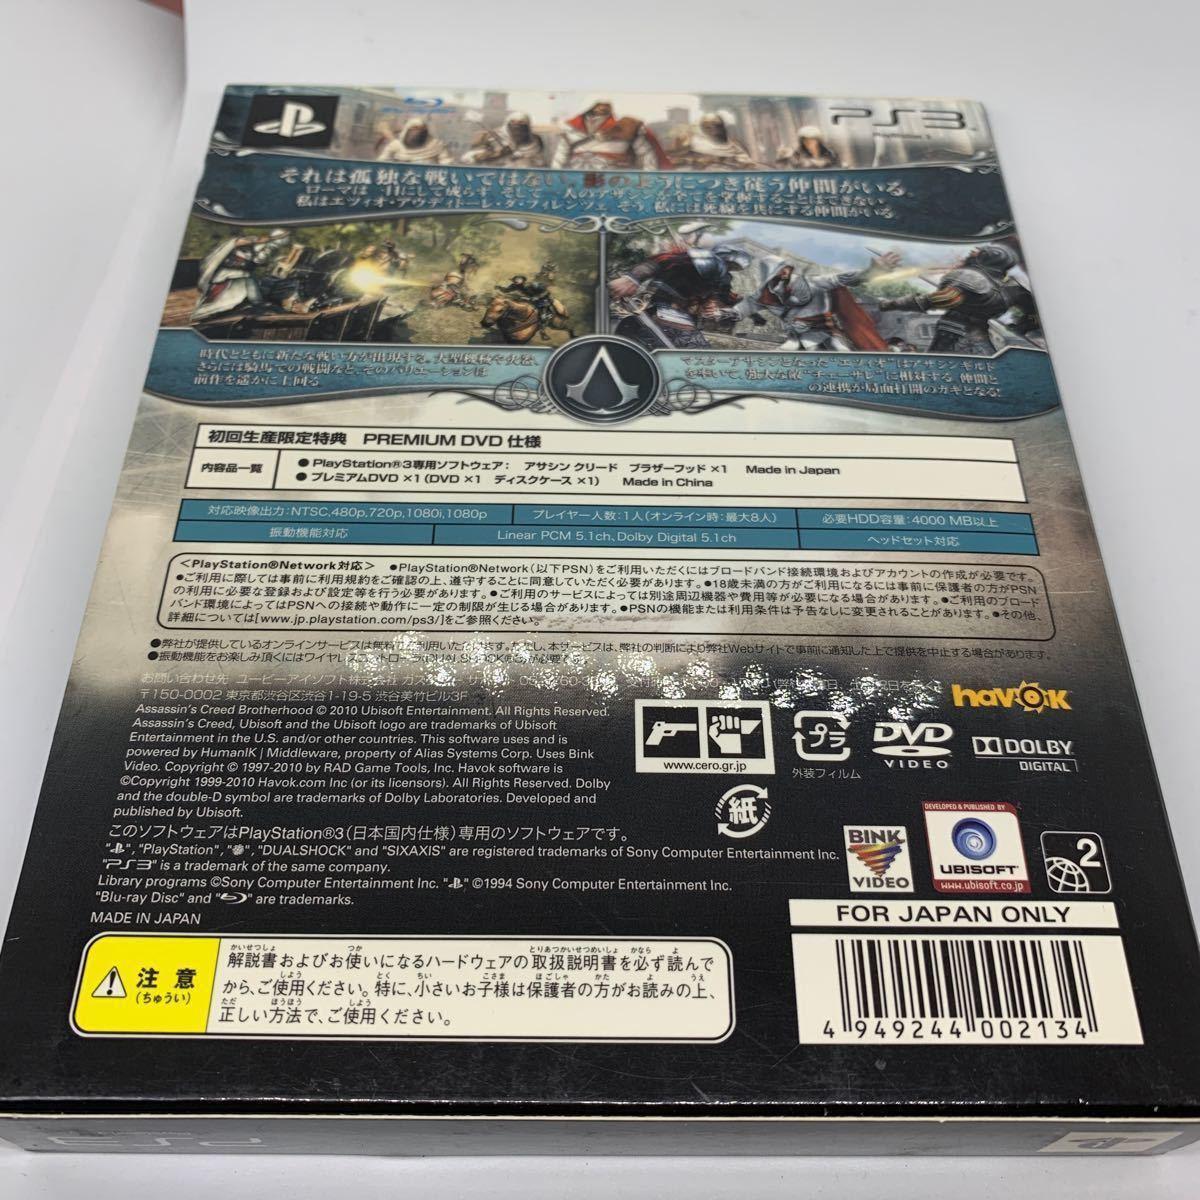 【PS3】 アサシン クリード ブラザーフッド 初回限定生産DVDつき 特典つき